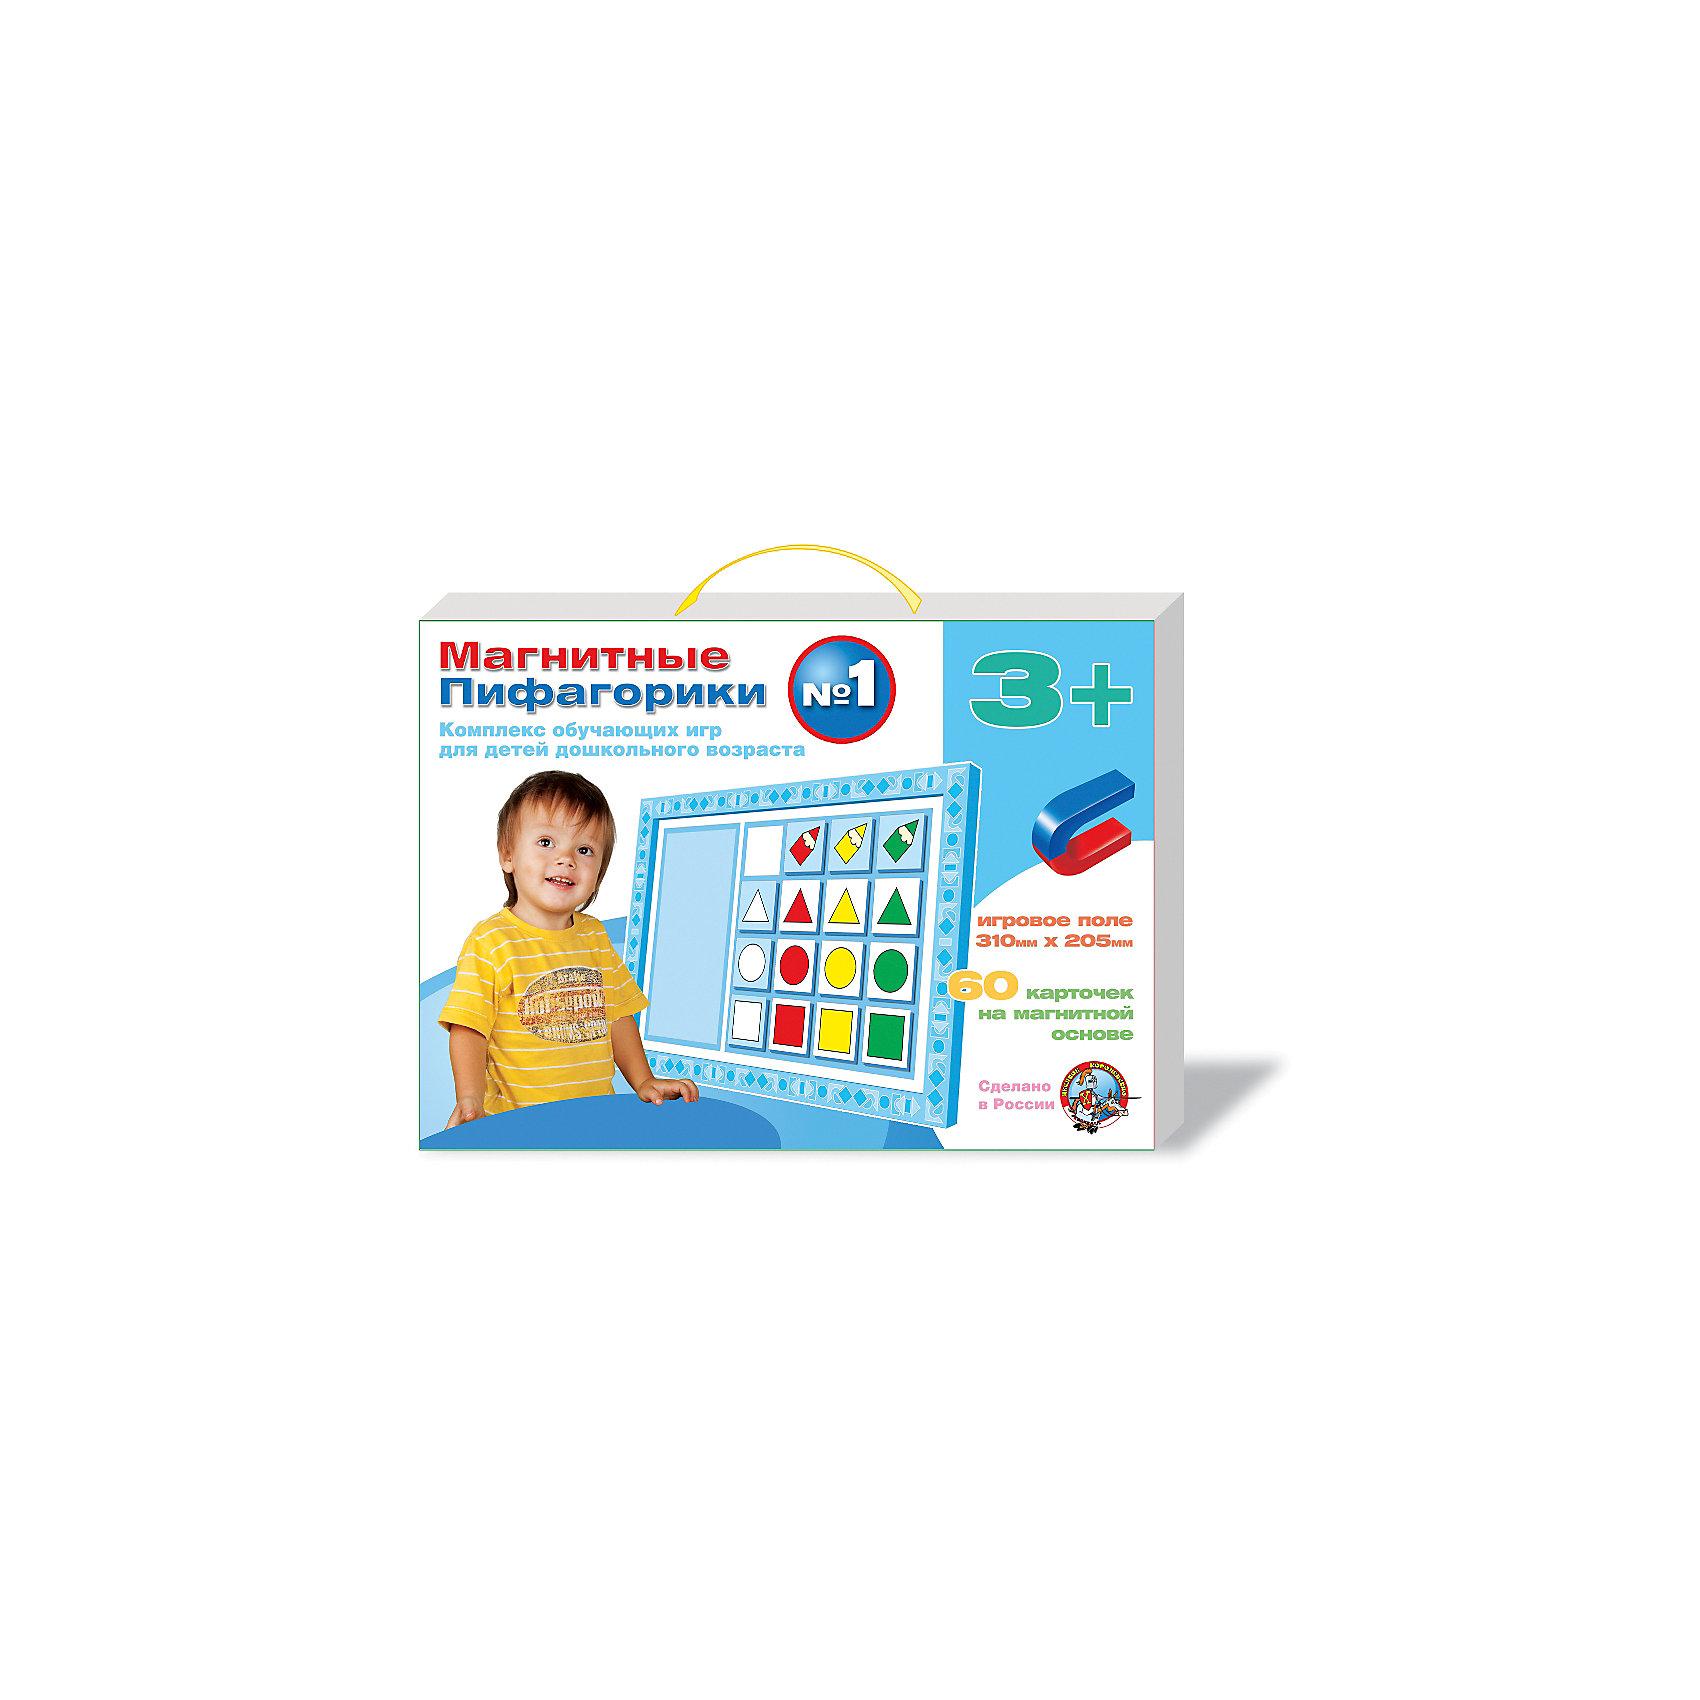 Набор Магнитные Пифагорики 3+, Десятое королевствоОбучающие игры для дошкольников<br>Набор Магнитные Пифагорики 3+, Десятое королевство<br><br>Характеристики: <br><br>• Возраст: от 3 лет<br>• Материал: вспененный полимер, магнит, картон<br>• В комплекте: Игровое поле, 60 карточек на магнитной основе, инструкция на русском языке<br><br>Этот набор позволяет в удобной игровой форме обучить ребенка основным цветам, пониманию формы предметов и их размеров. В наборе содержится магнитное игровое поле, 60 карточек, а так же буклет с 5 вариантами игр. Наиболее эффективным набор будет, если использовать его для работы с ребенком от 3 лет. В процессе игры с приятными на ощупь карточками, малыши быстрее обучаются и схватывают материал.<br><br>Набор Магнитные Пифагорики 3+, Десятое королевство можно купить в нашем интернет-магазине.<br><br>Ширина мм: 364<br>Глубина мм: 263<br>Высота мм: 34<br>Вес г: 612<br>Возраст от месяцев: 60<br>Возраст до месяцев: 84<br>Пол: Унисекс<br>Возраст: Детский<br>SKU: 5473733